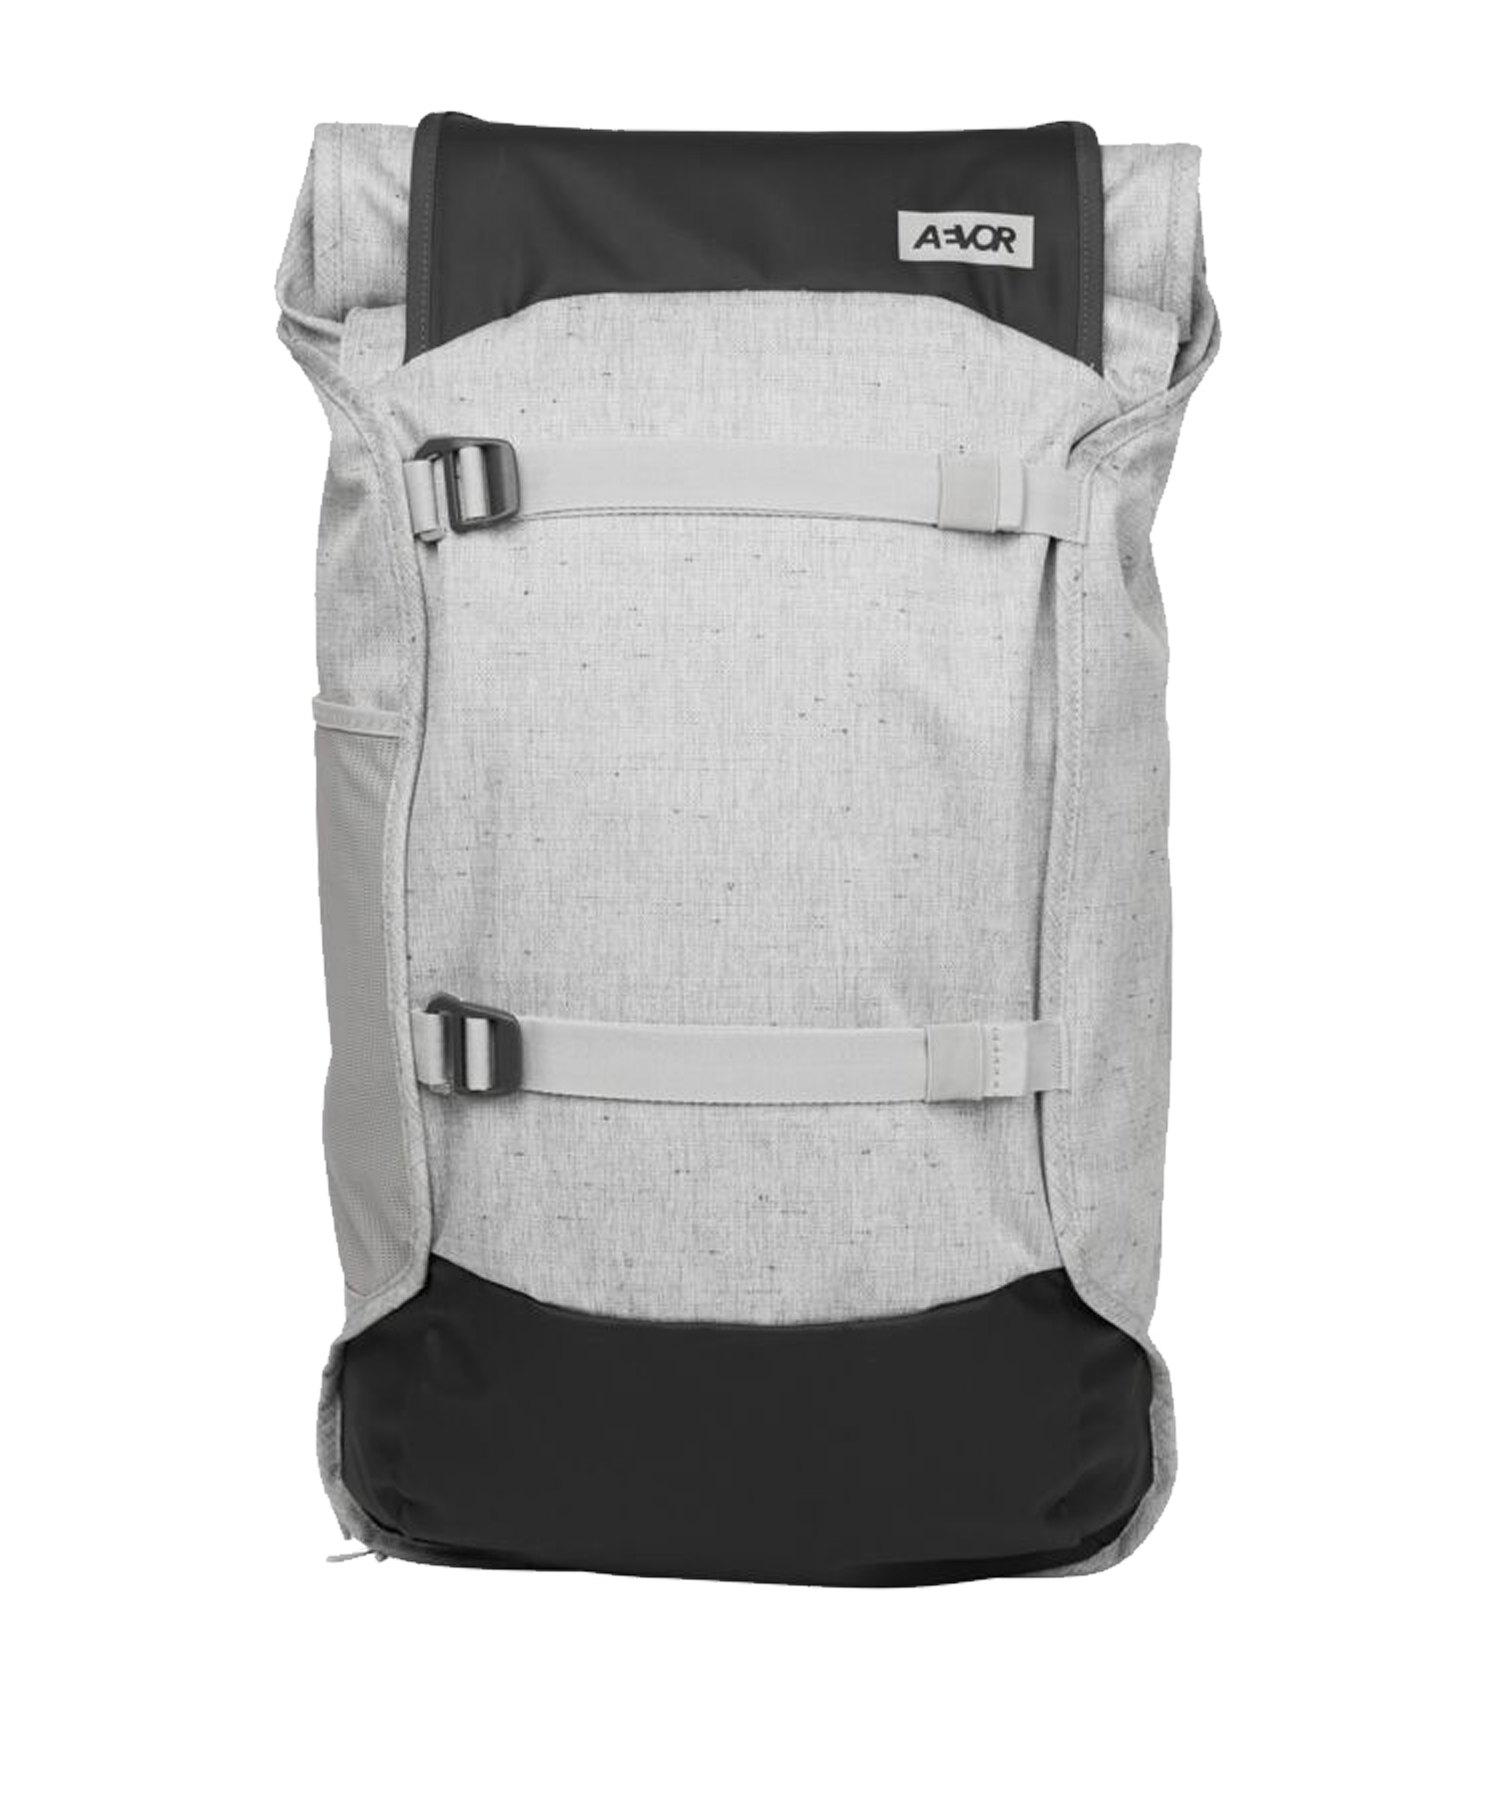 AEVOR Backpack Trip Pack Rucksack Grau 861 - grau